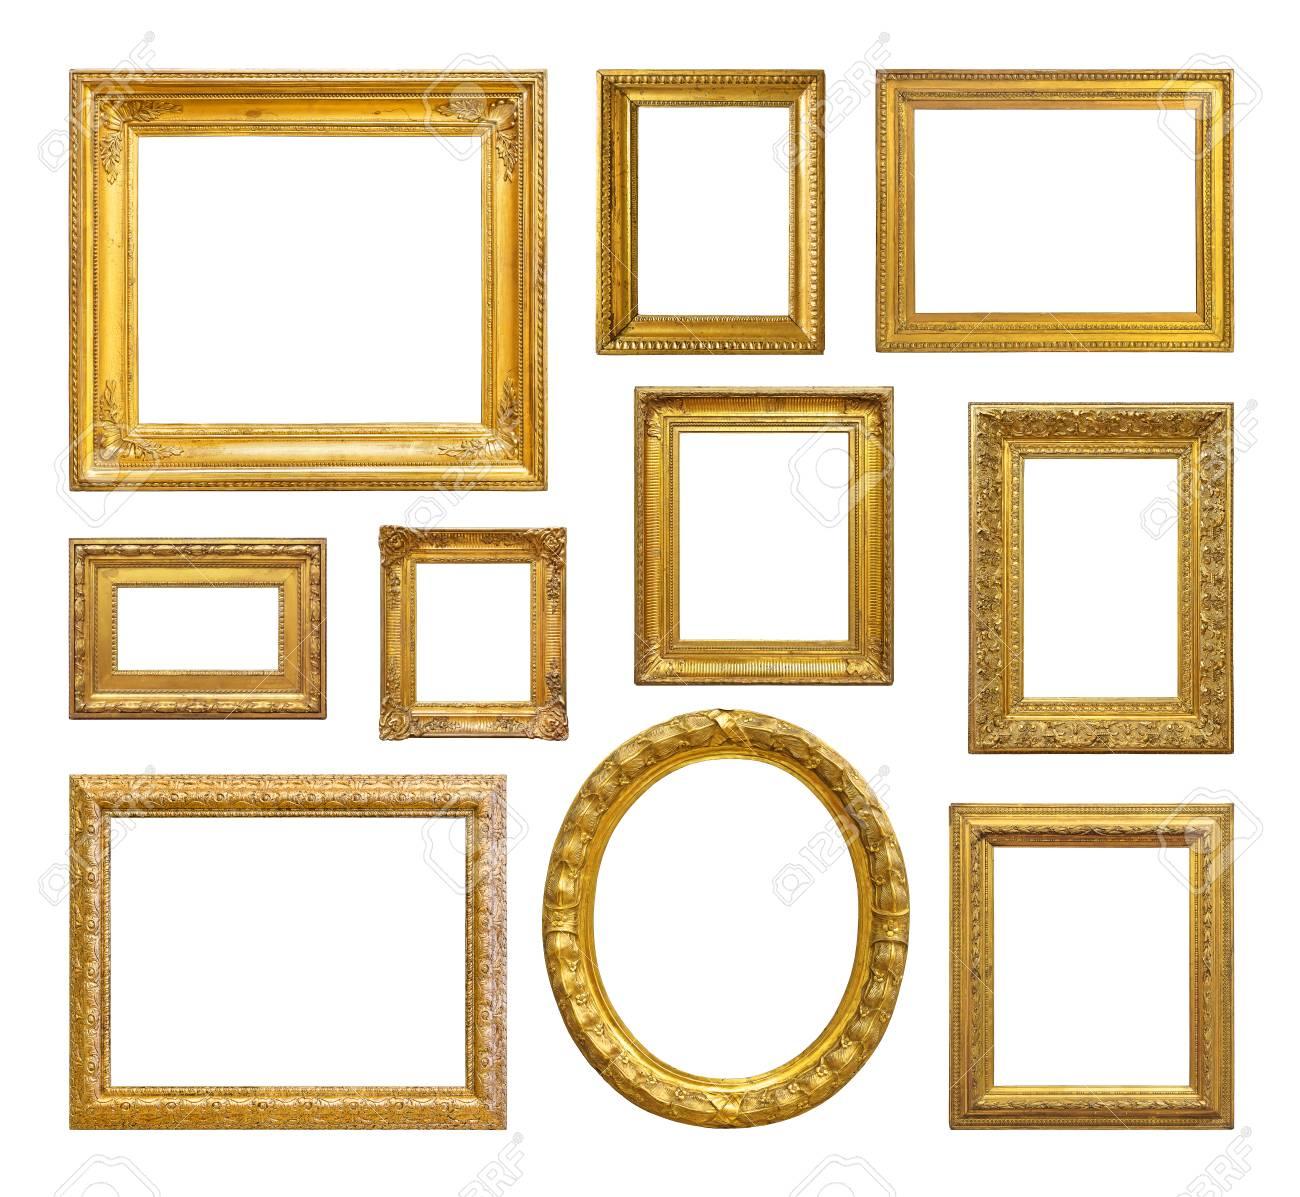 Set of golden vintage frame on white background - 40047528